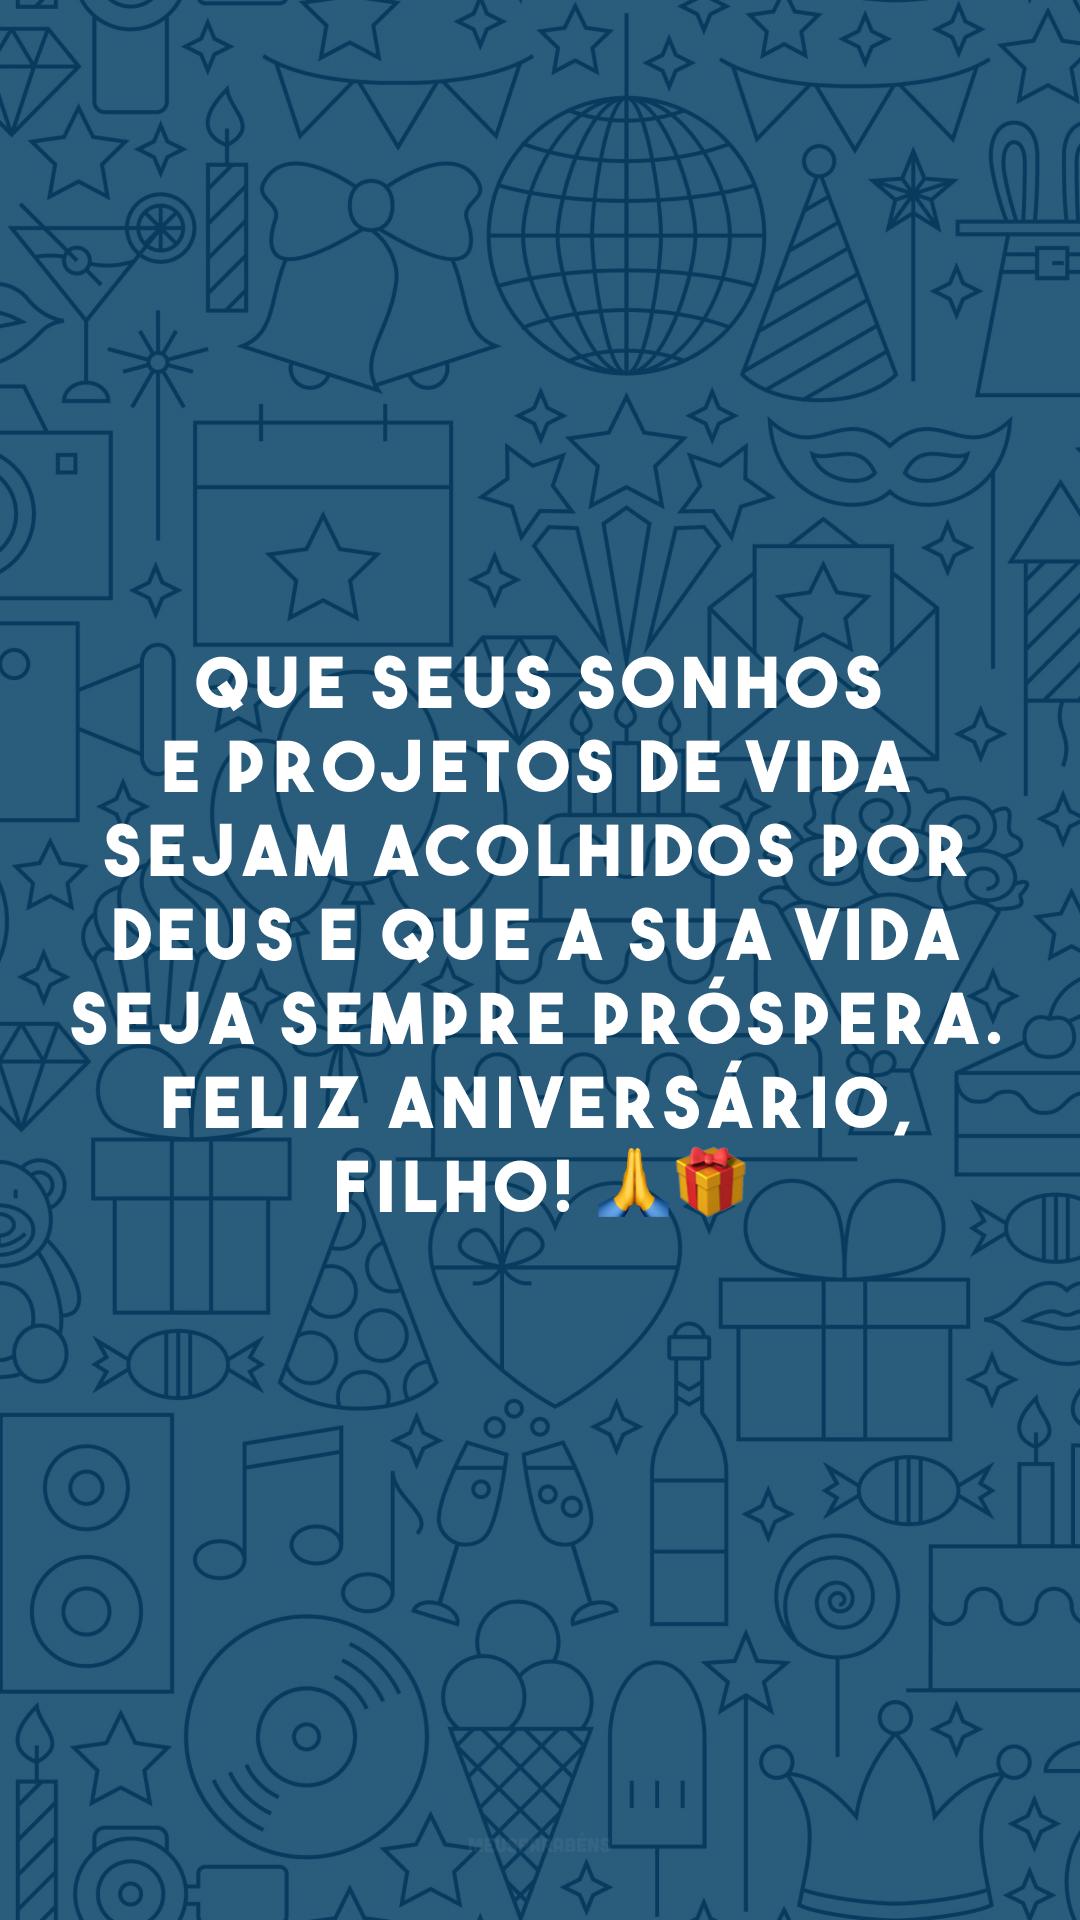 Que seus sonhos e projetos de vida sejam acolhidos por Deus e que a sua vida seja sempre próspera. Feliz aniversário, filho! 🙏🎁